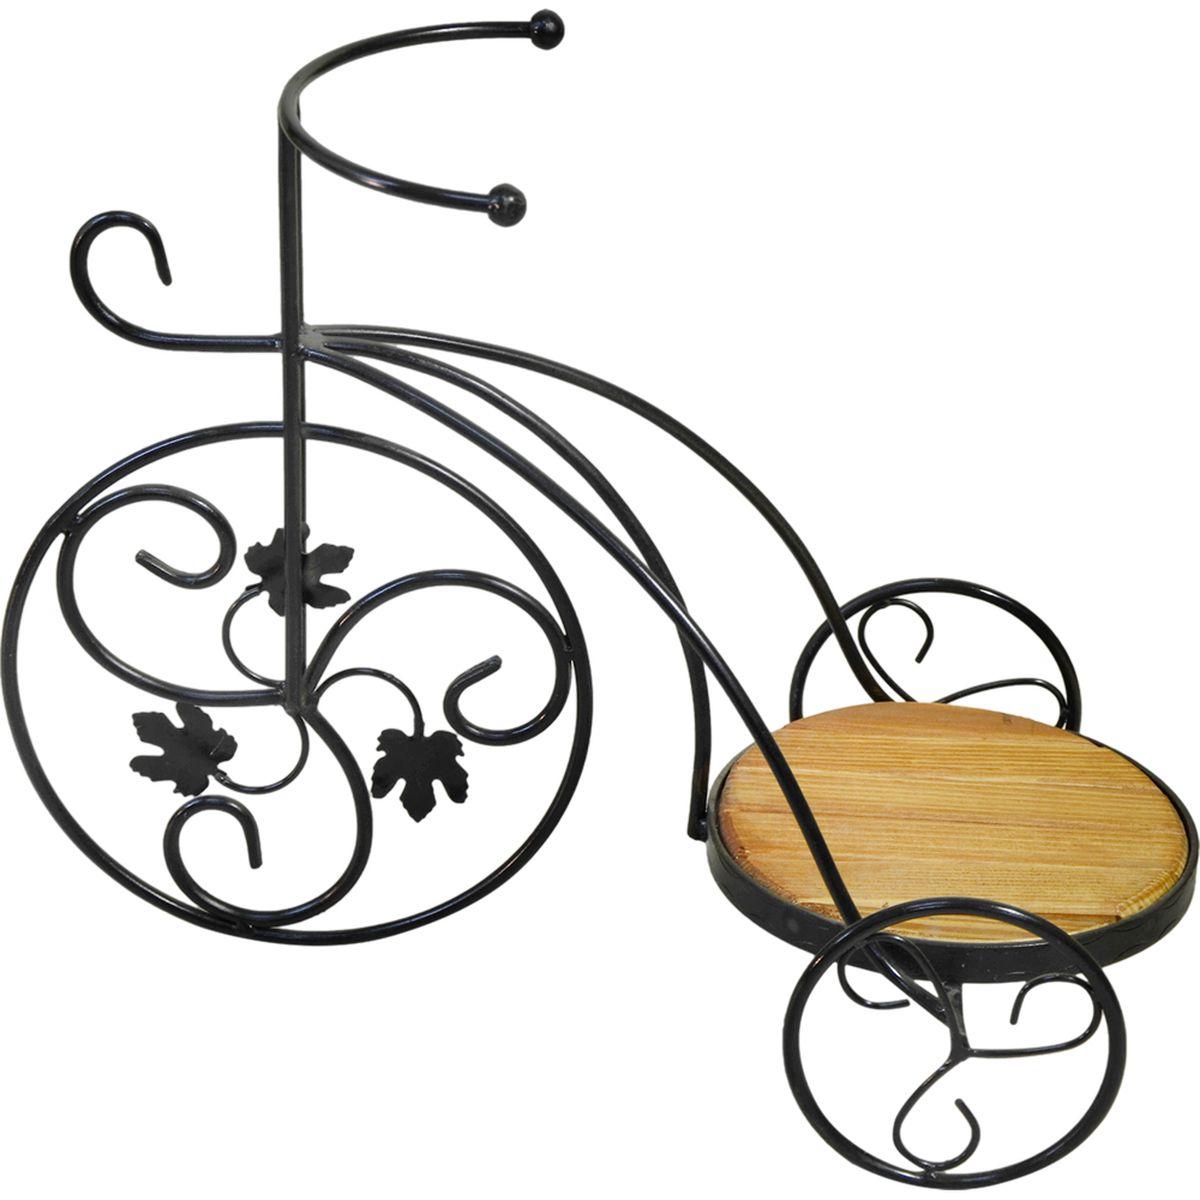 Подставка для цветов Фабрика ковки Велосипед, на 1 цветок, цвет: черный, коричневый59-411Оригинальная подставка предназначена для размещения одного цветка. Карскас изготовлен из металла, на котором располагается подставка из дерева. Роль ножек исполняют изогнутые прутки, которые сплетаются в форму, повторяющую форму велосипеда, обеспечивая устойчивое расположение цветков. Подставка станет прекрасным дизайнерским решением для украшения дома.